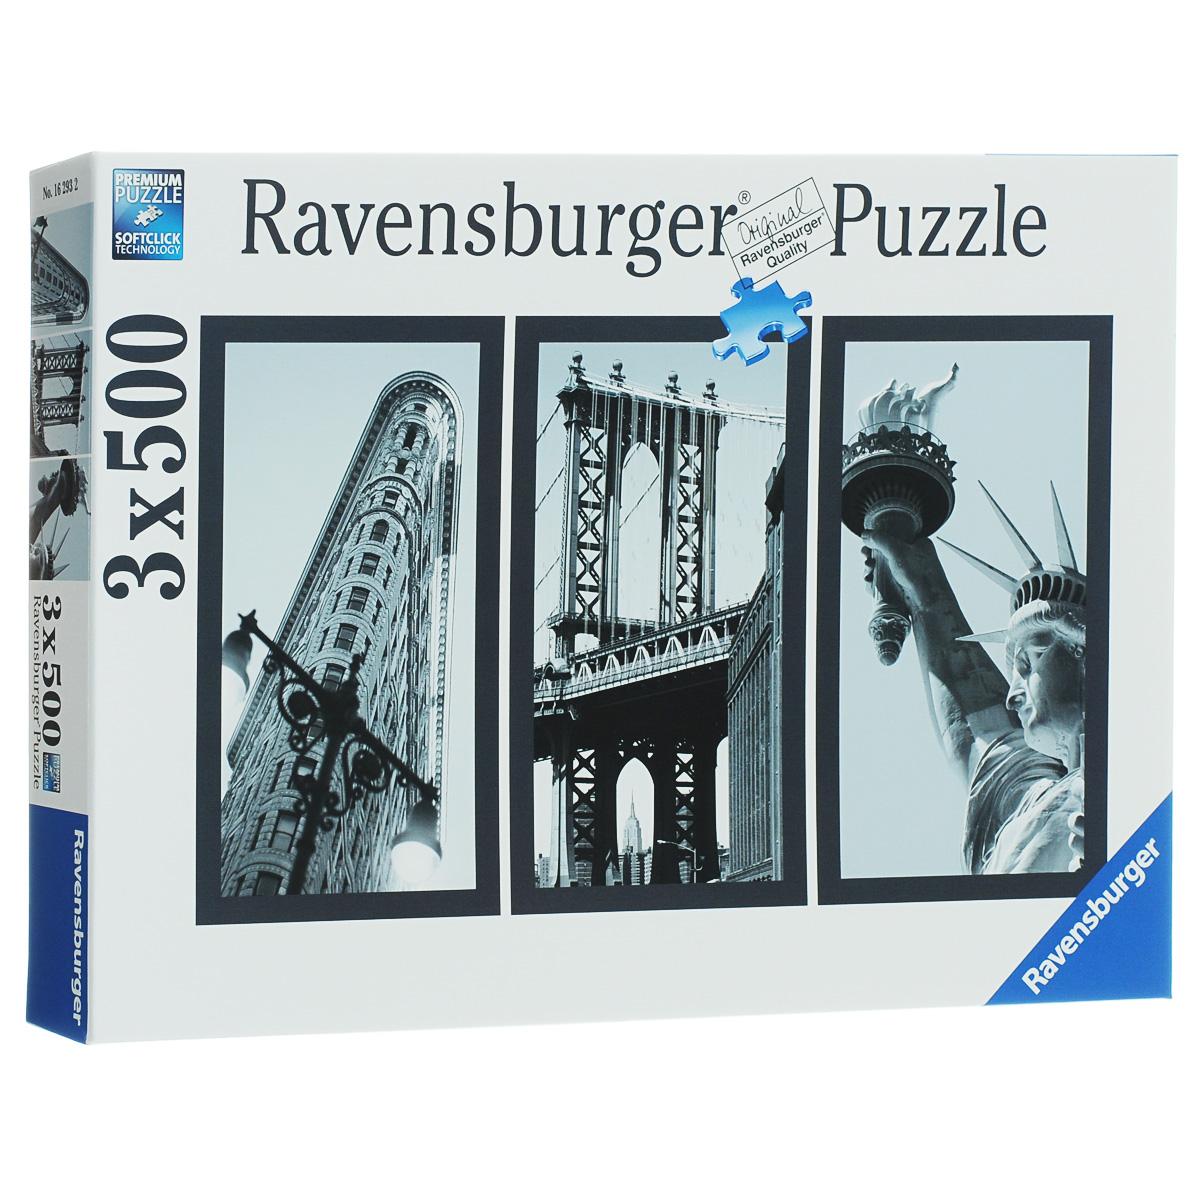 Ravensburger Воспоминания о Нью-Йорке. Пазл, 3 х 500 элементов16293Пазл Ravensburger Воспоминания о Нью-Йорке, без сомнения, придется по душе вам и вашему ребенку. В набор входят три замечательных пазла по 500 деталей с изображением различных символов, олицетворяющих Нью-Йорк. На первой картинке вы увидите знаменитое здание издательства, на второй - Бруклинский мост, а на третьей Статую Свободы. Каждая деталь имеет свою форму и подходит только на своё место. Нет двух одинаковых деталей! Пазл изготовлен из картона высочайшего качества. Все изображения аккуратно отсканированы и напечатаны на ламинированной бумаге. Пазлы - прекрасное антистрессовое средство для взрослых и замечательная развивающая игра для детей. Собирание пазла развивает у ребенка мелкую моторику рук, тренирует наблюдательность, логическое мышление, знакомит с окружающим миром, с цветом и разнообразными формами, учит усидчивости и терпению, аккуратности и вниманию. Собирание пазла - прекрасное времяпрепровождение для всей семьи.